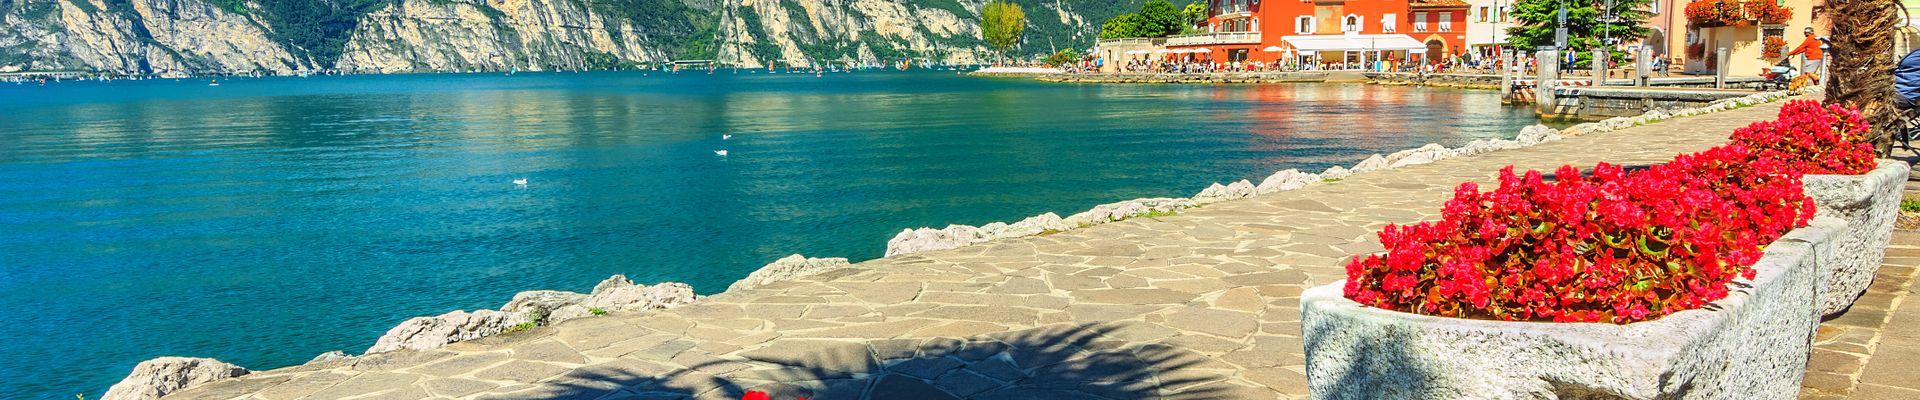 Kurzurlaub am Gardasee